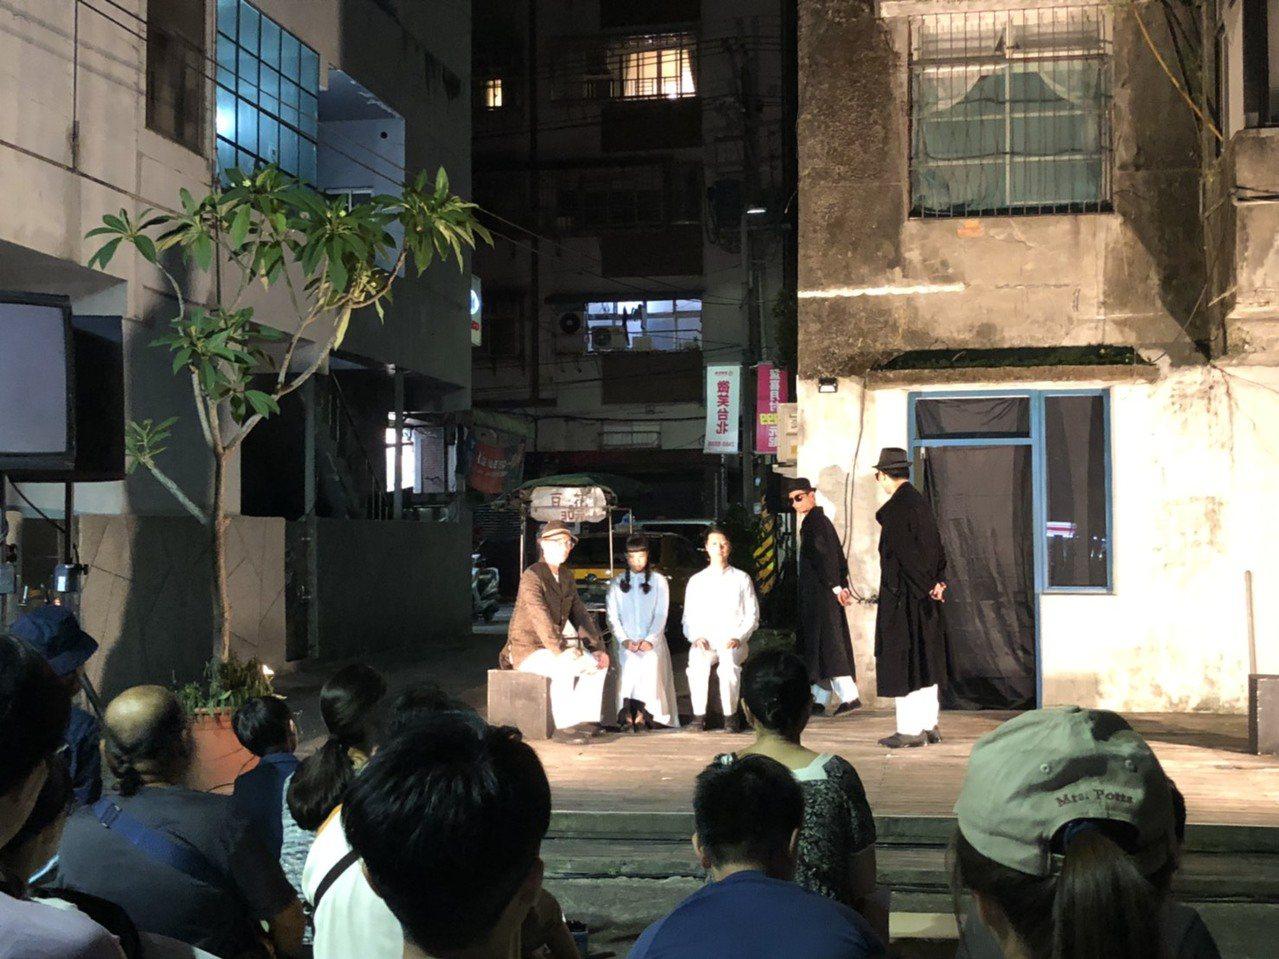 基隆市東明路86設計公寓今晚在公寓後方平台舉辦展演活動,由本土青年劇團「海島演劇...